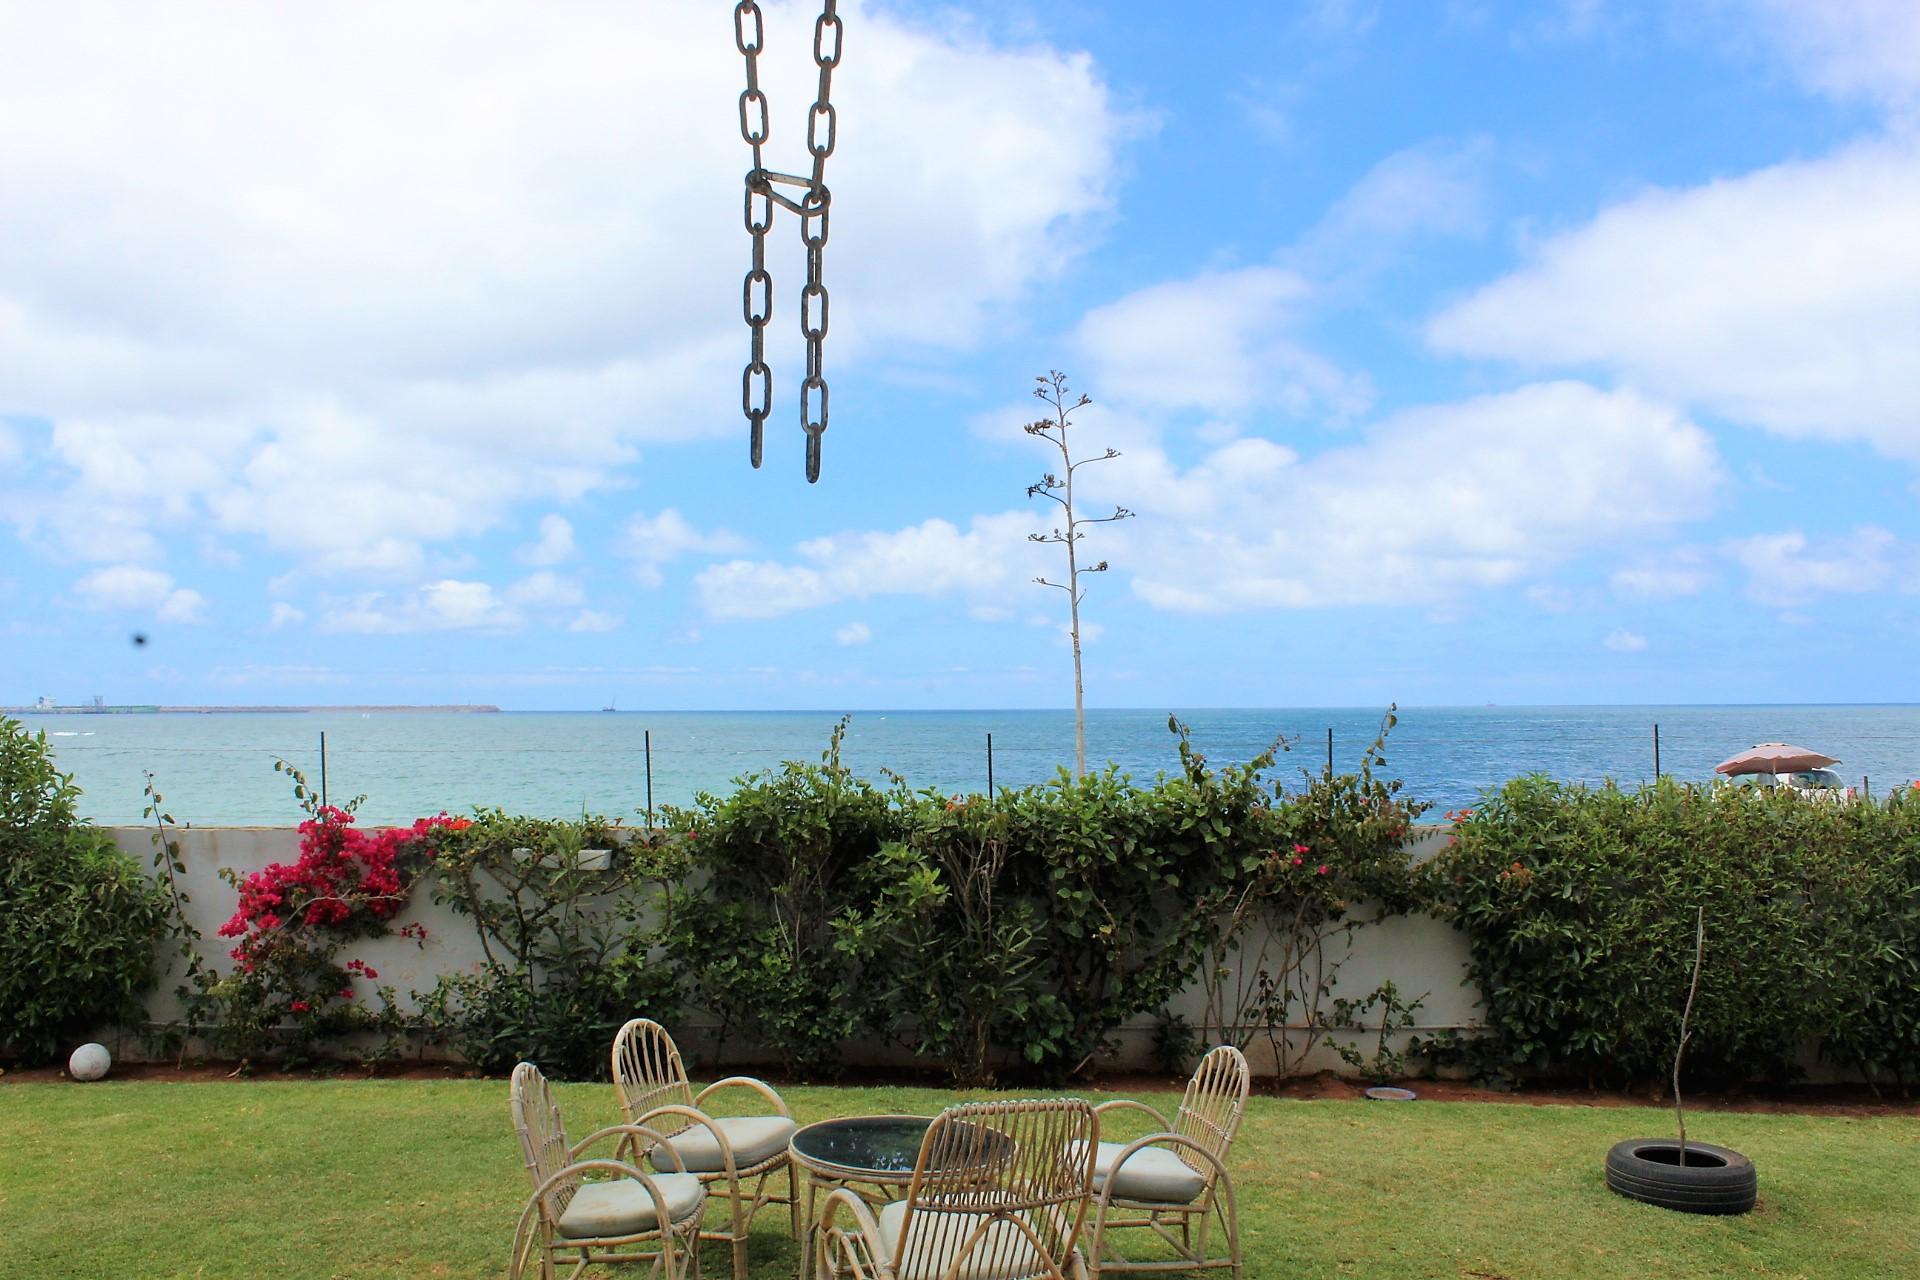 Maroc, Mohamedia .Vous êtes passionné par l'océan ? A louer Splendide villa face à la mer bercé par les vagues.